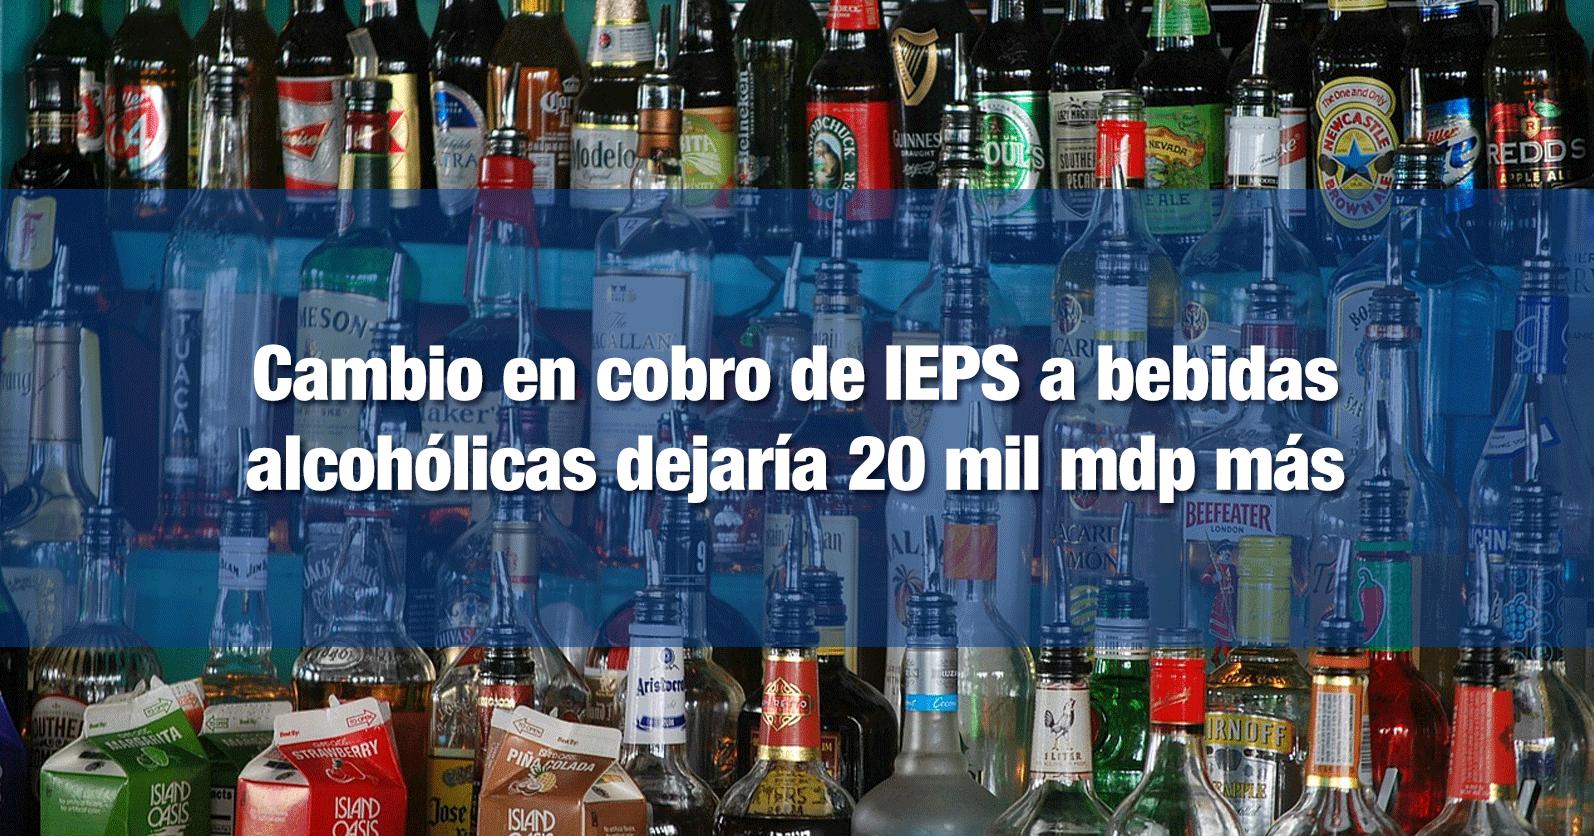 Cambio en cobro de IEPS a bebidas alcohólicas dejaría 20 mil mdp más